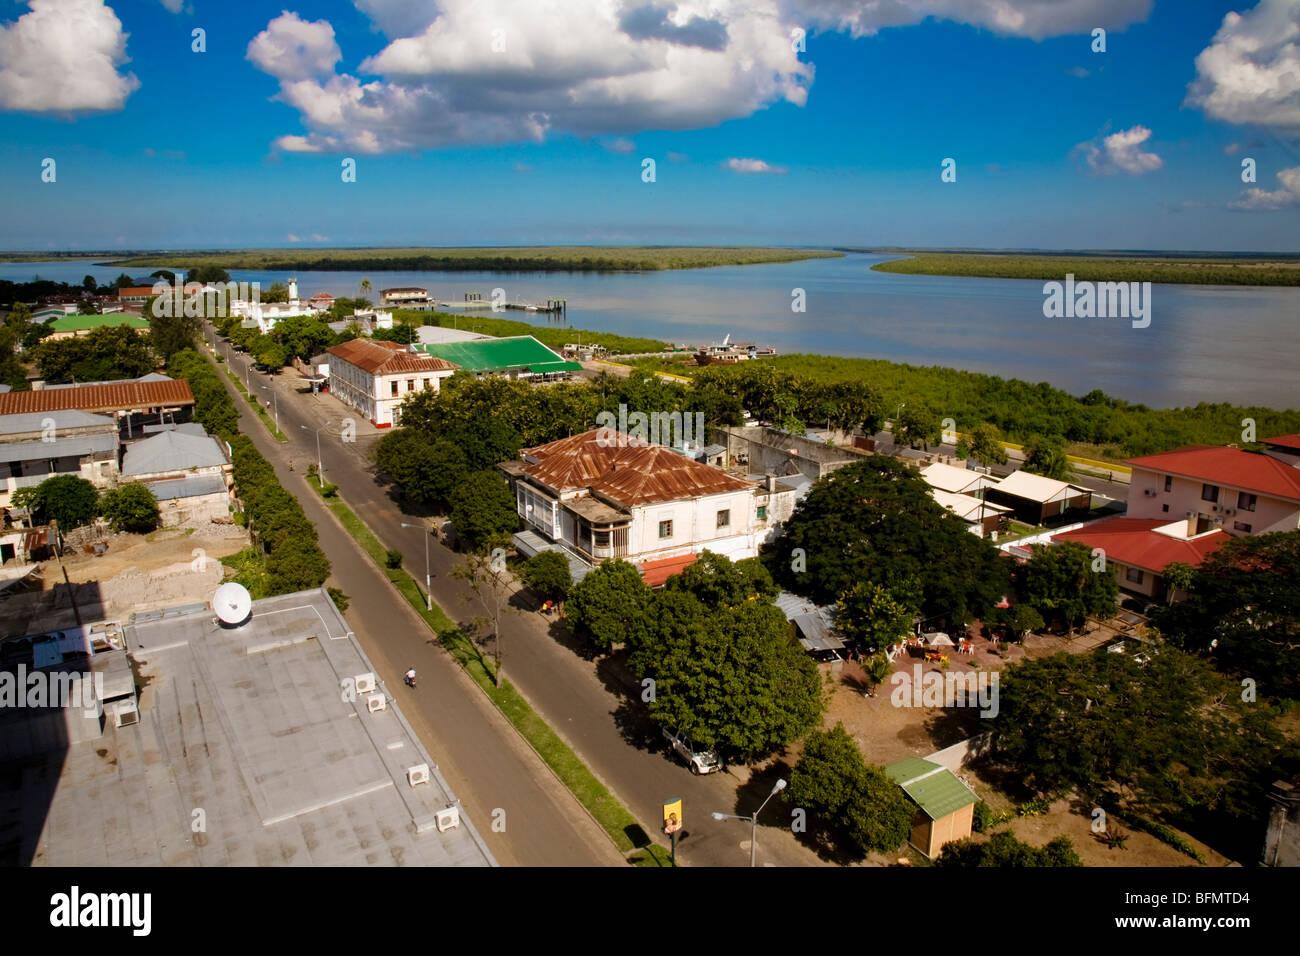 Le Mozambique, Quelimane. Une vue de Quelimane depuis le haut de l'hôtel Chuabo sur Avenida Samora Machel. Photo Stock